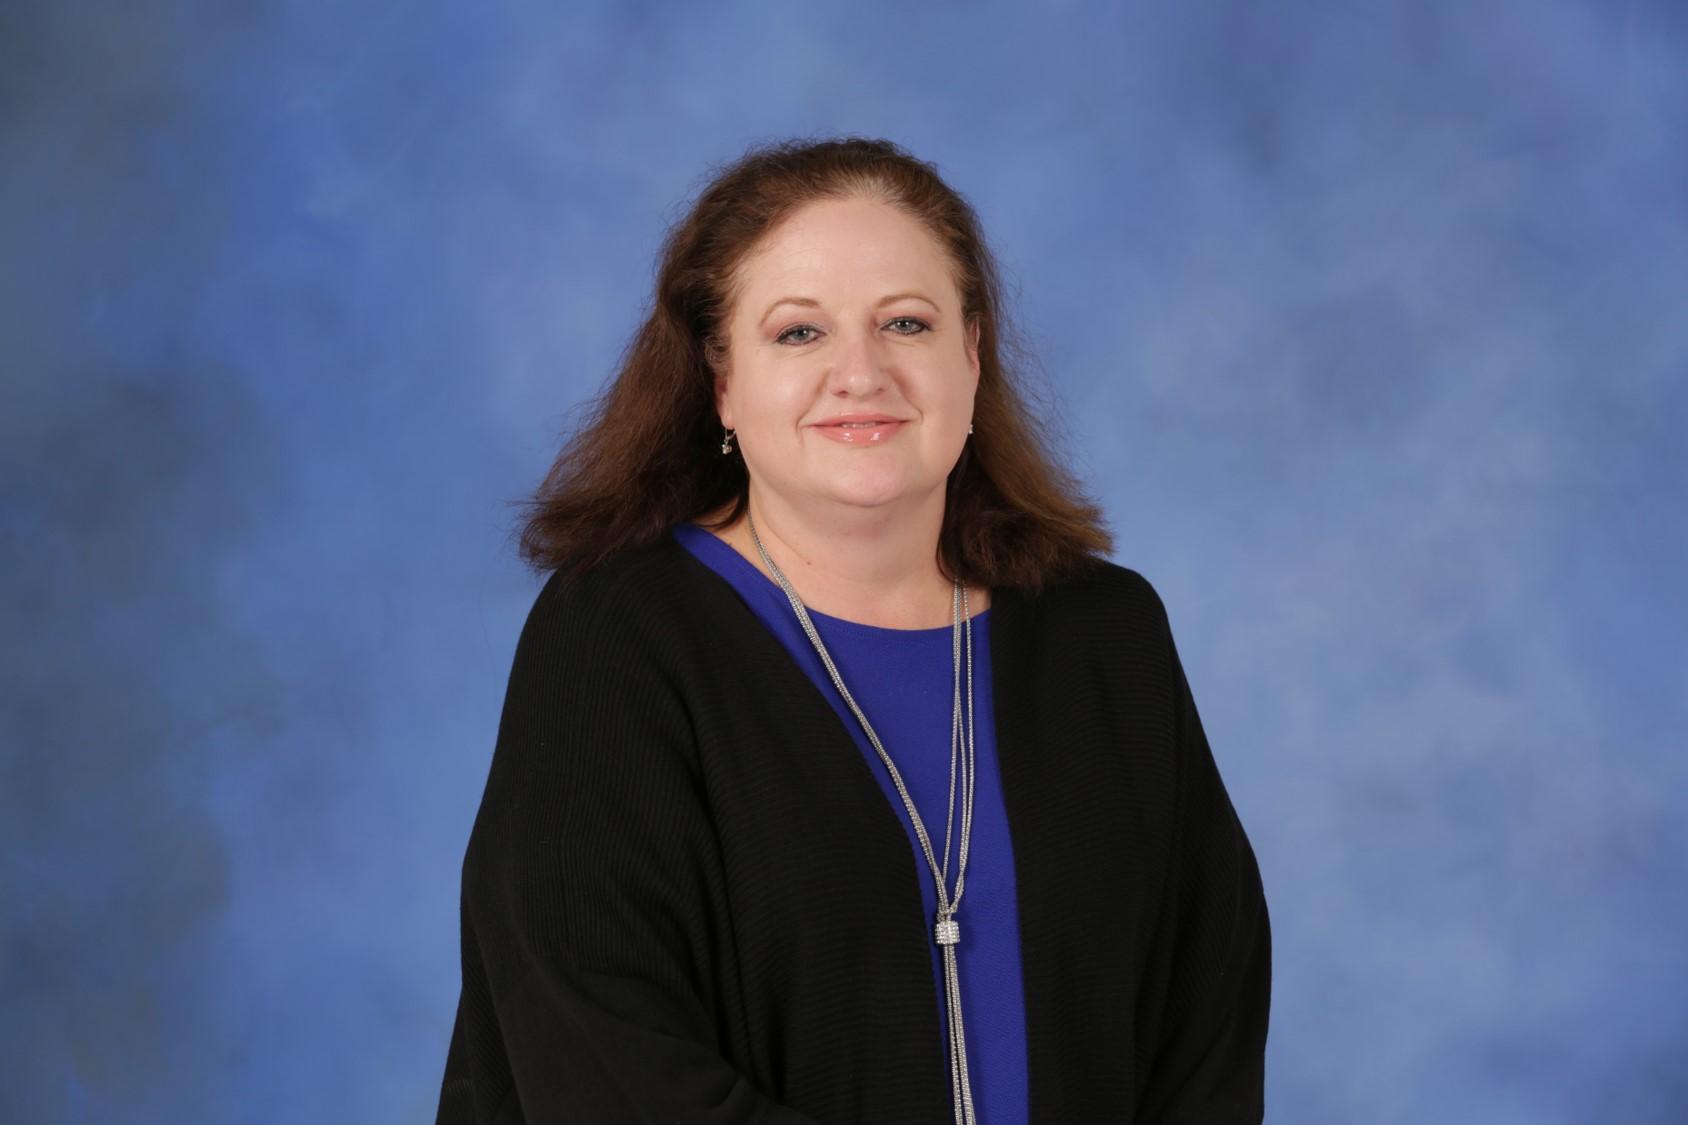 Ms. Debora Nielson